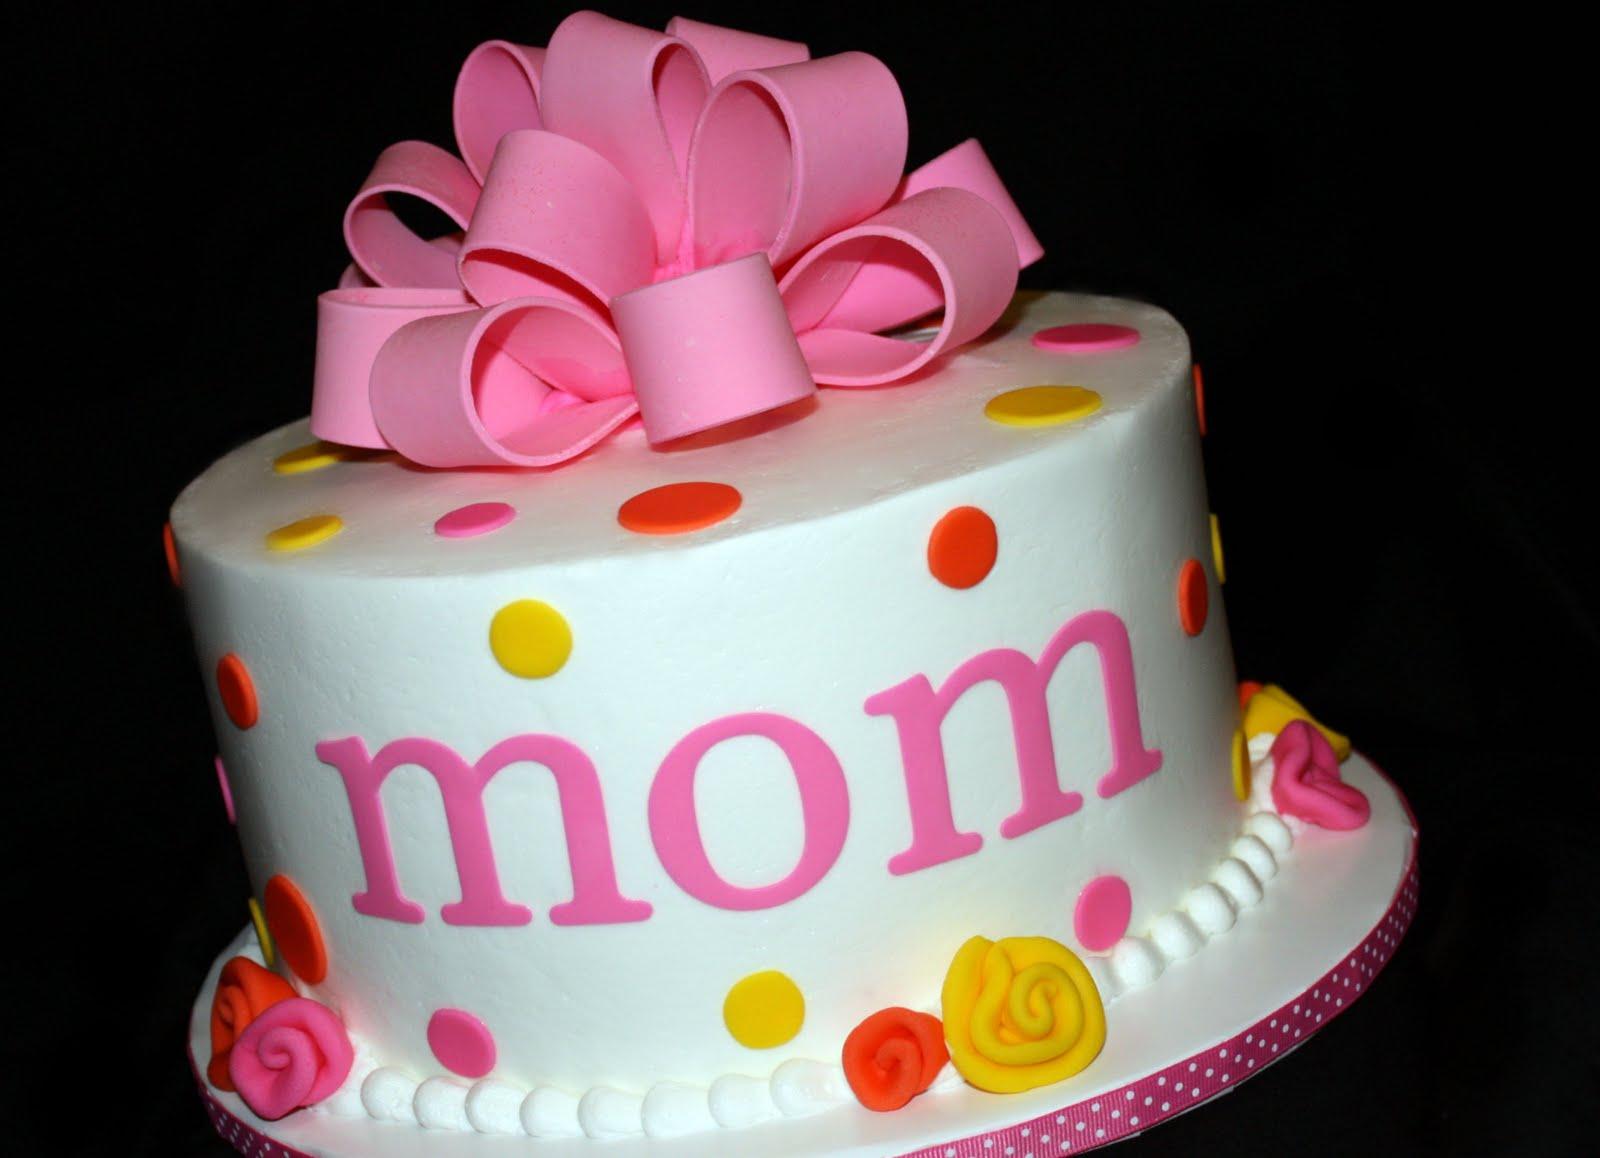 Sensational 9 Queen For Mom Elegant Birthday Cakes Photo Moms Birthday Cake Personalised Birthday Cards Beptaeletsinfo